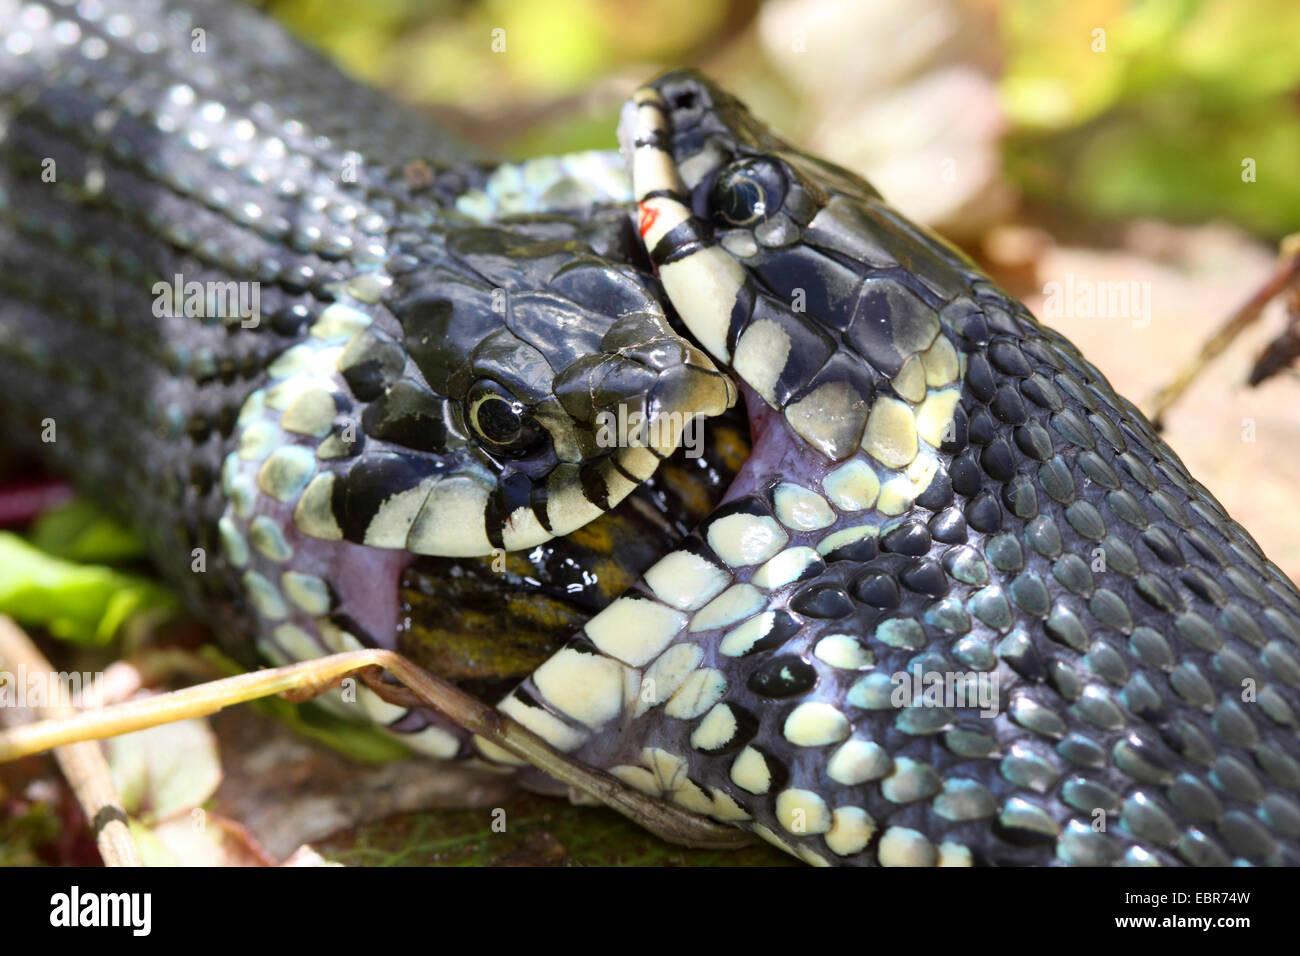 Biscia dal collare (Natrix natrix), serie immagine 17, due serpenti in lotta per una rana, Germania, Meclemburgo-Pomerania Occidentale Foto Stock